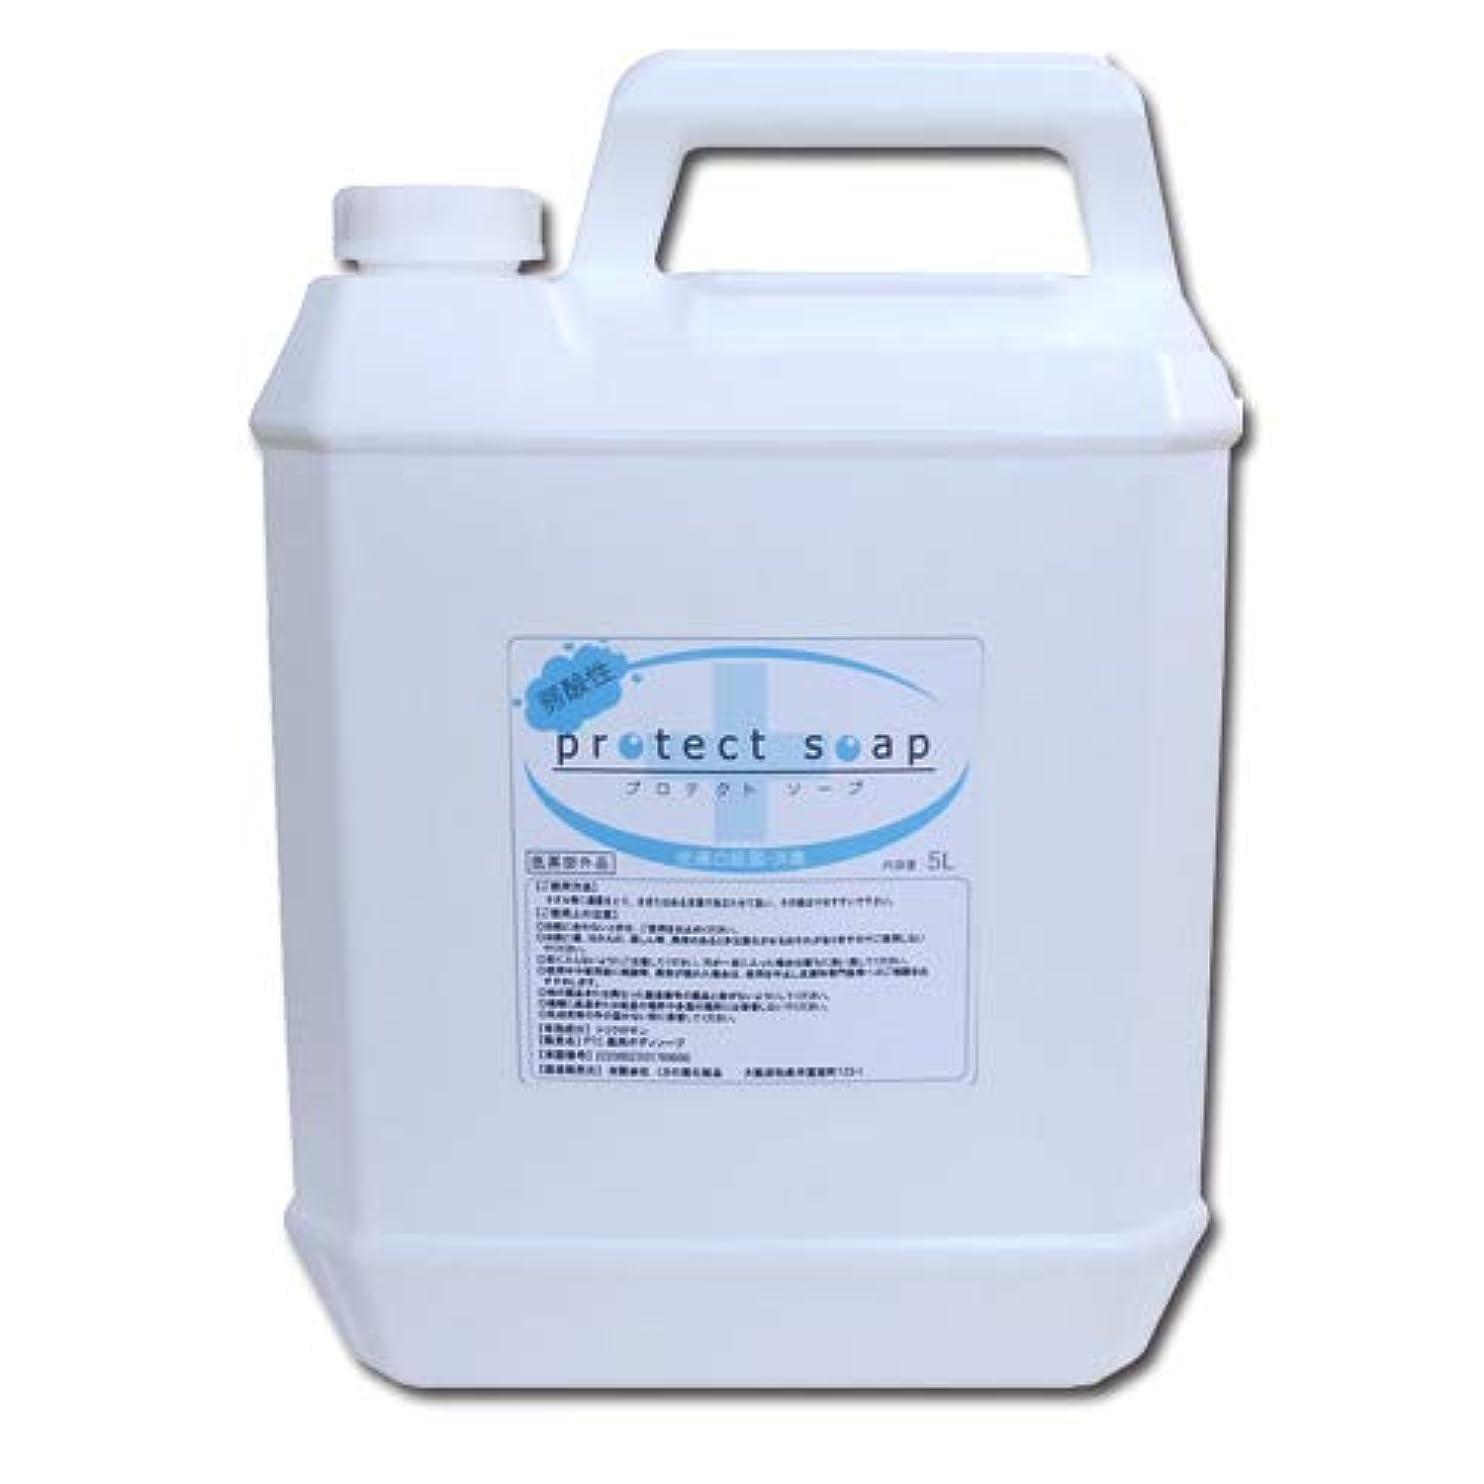 アンタゴニスト調和のとれたコンチネンタル低刺激弱酸性 液体石鹸 プロテクトソープ 5L 業務用│せっけん液 液体せっけん 殺菌?消毒 インフルエンザ?ノロウィルス対策